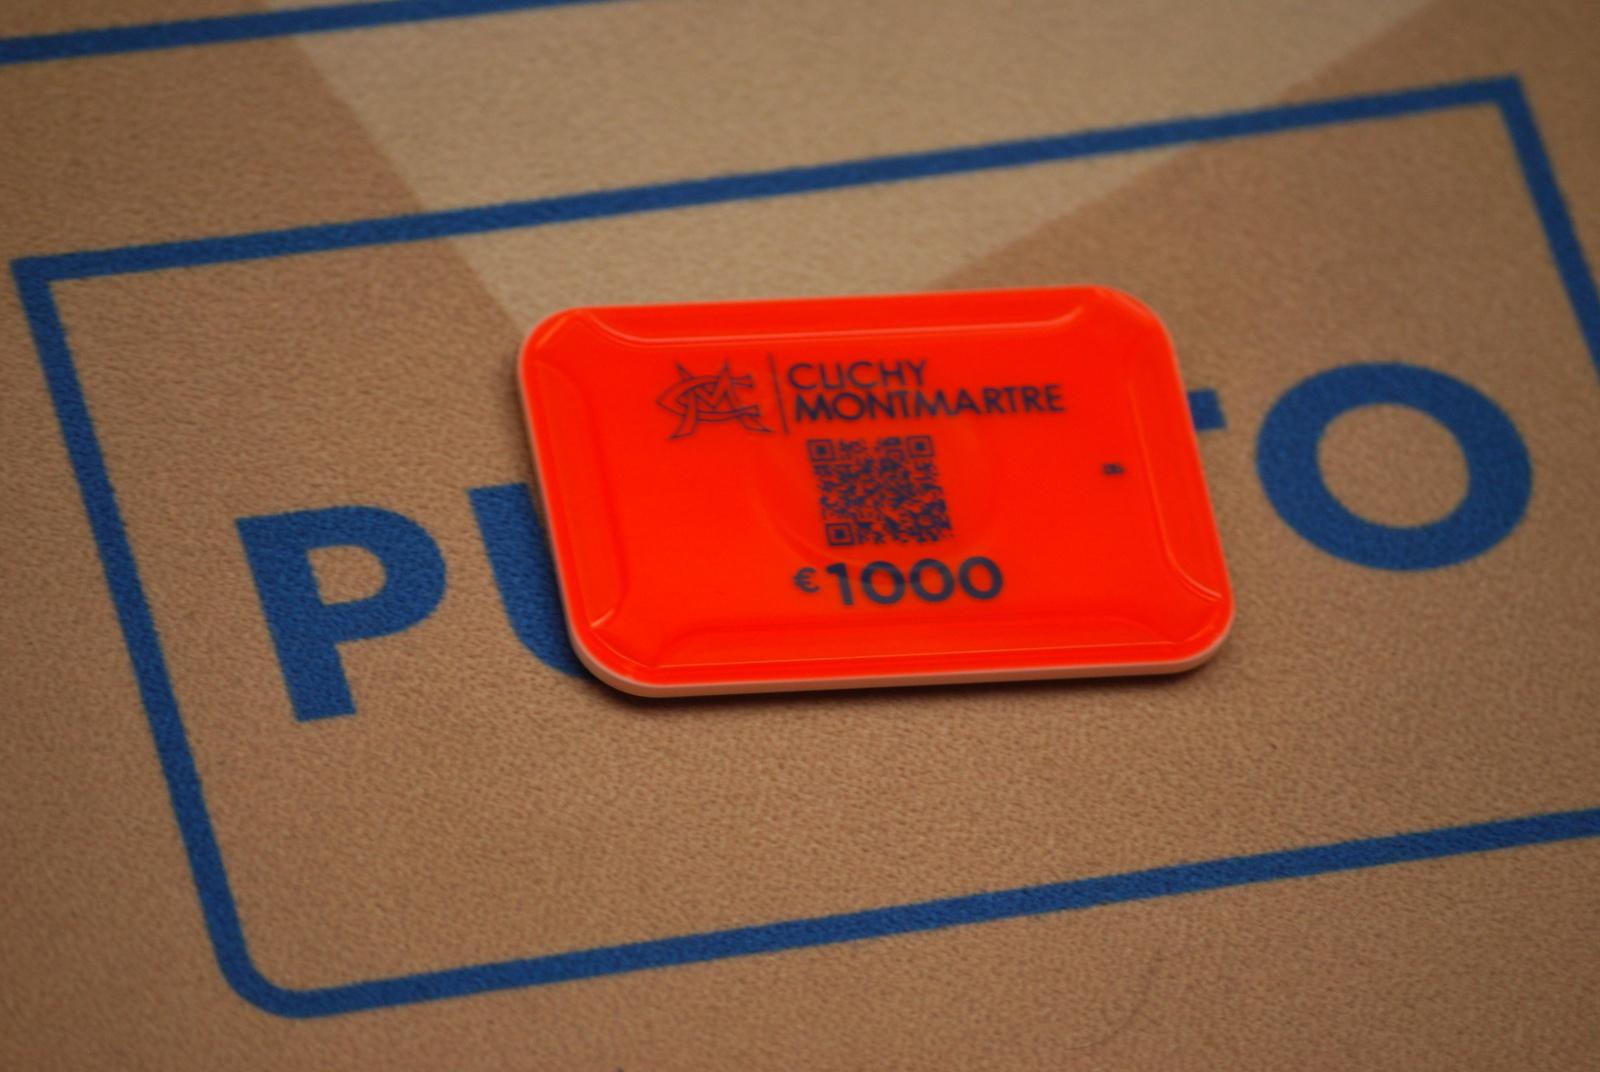 609577b35cefd_plaque1000orange.thumb.JPG.00951fa0c594e36a80fb78c5110d741a.JPG